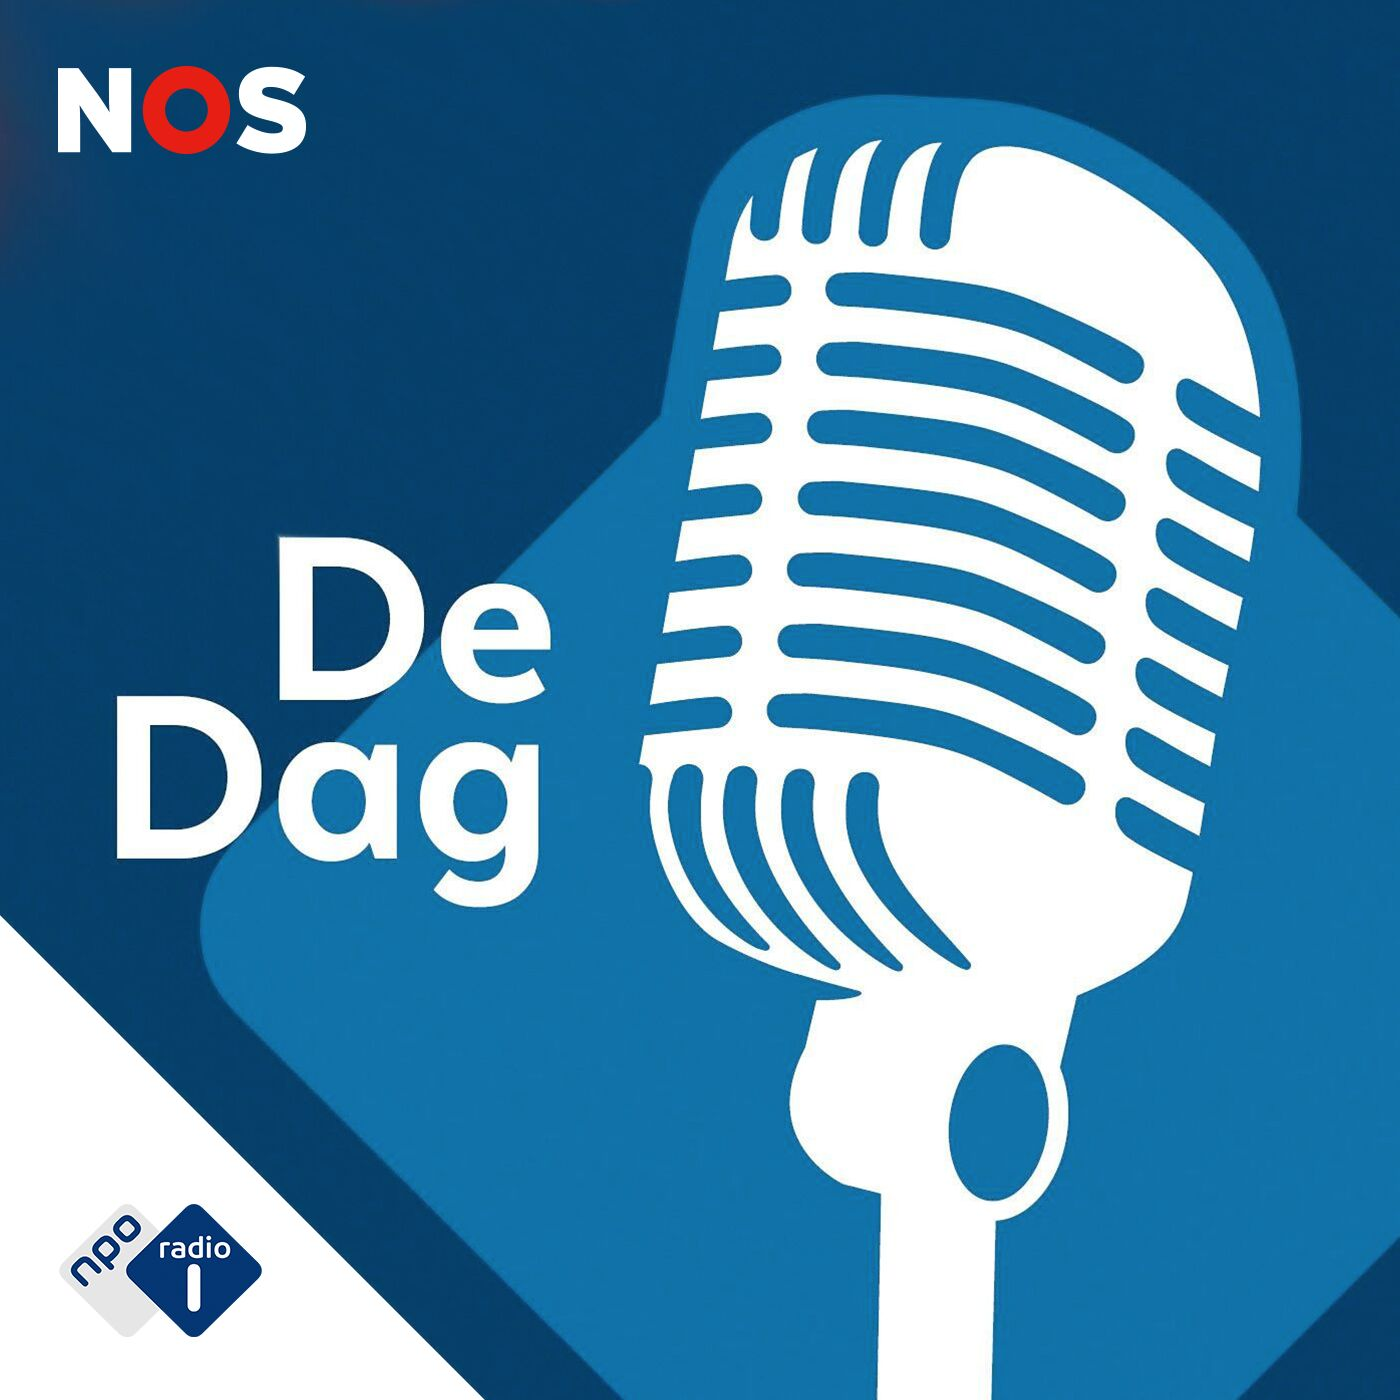 De Dag podcast show image